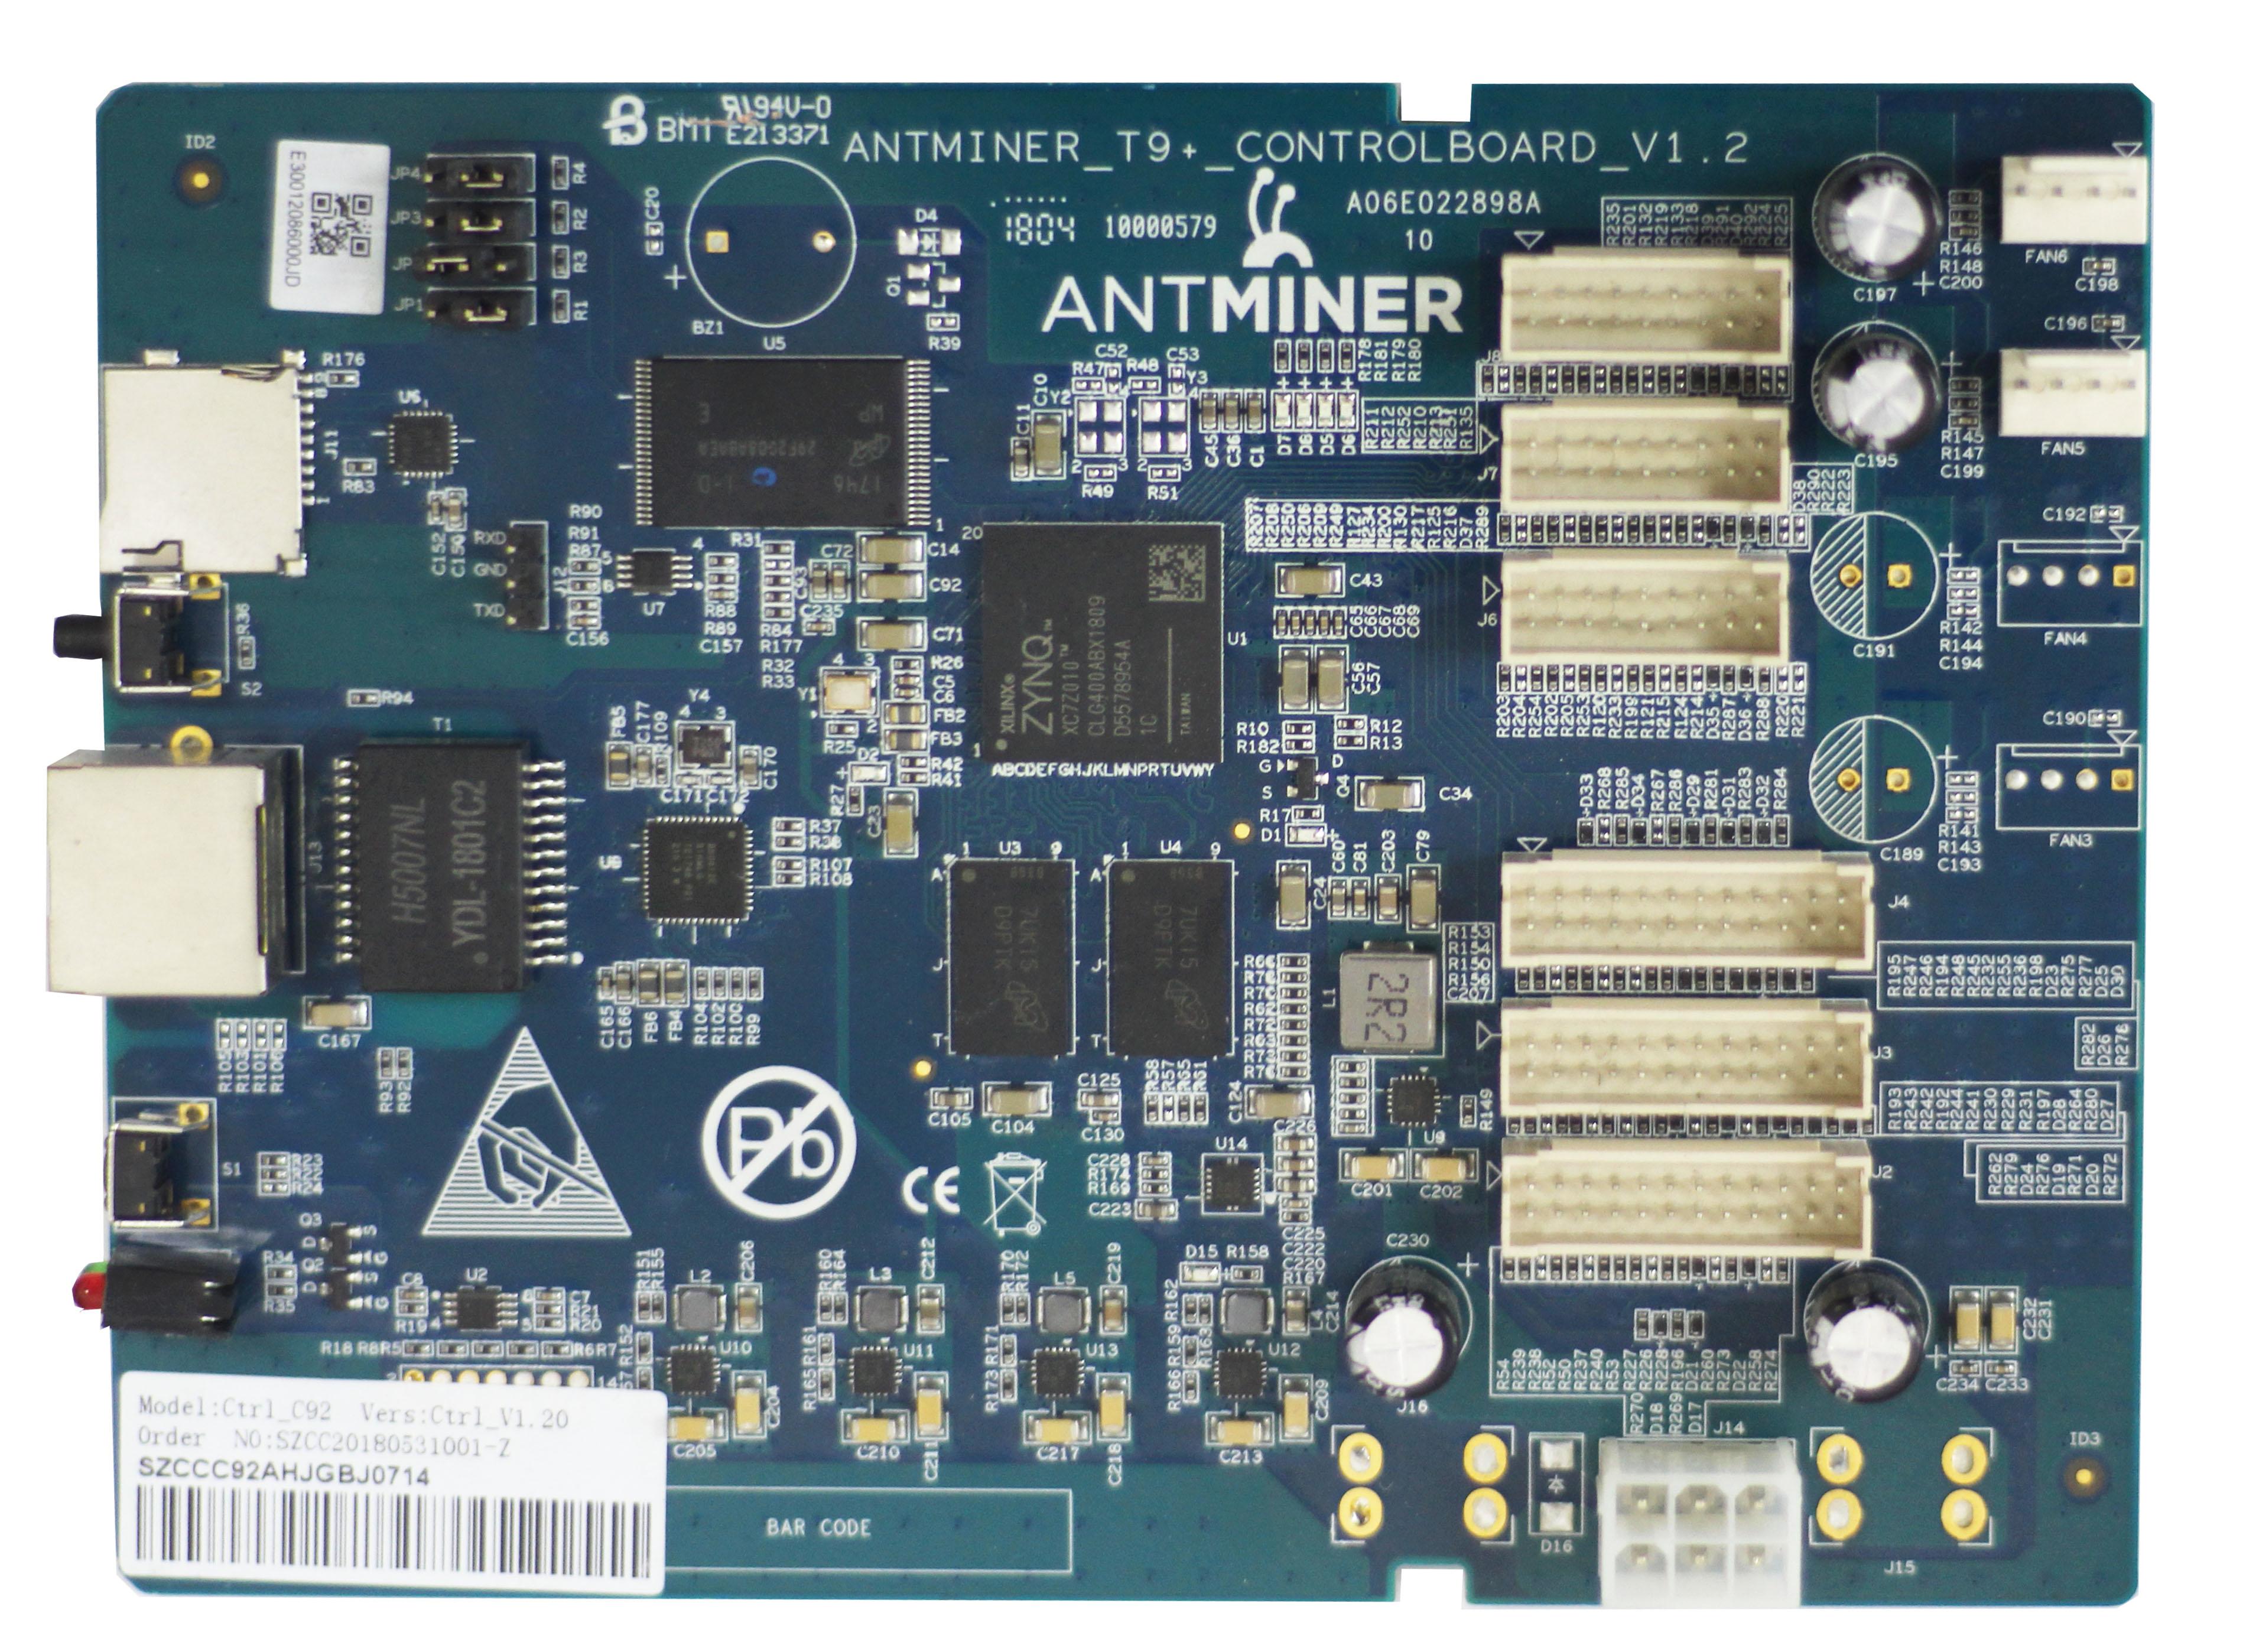 S9 series (S9, S9i, S9j, S9 Hydro) Control Board Program